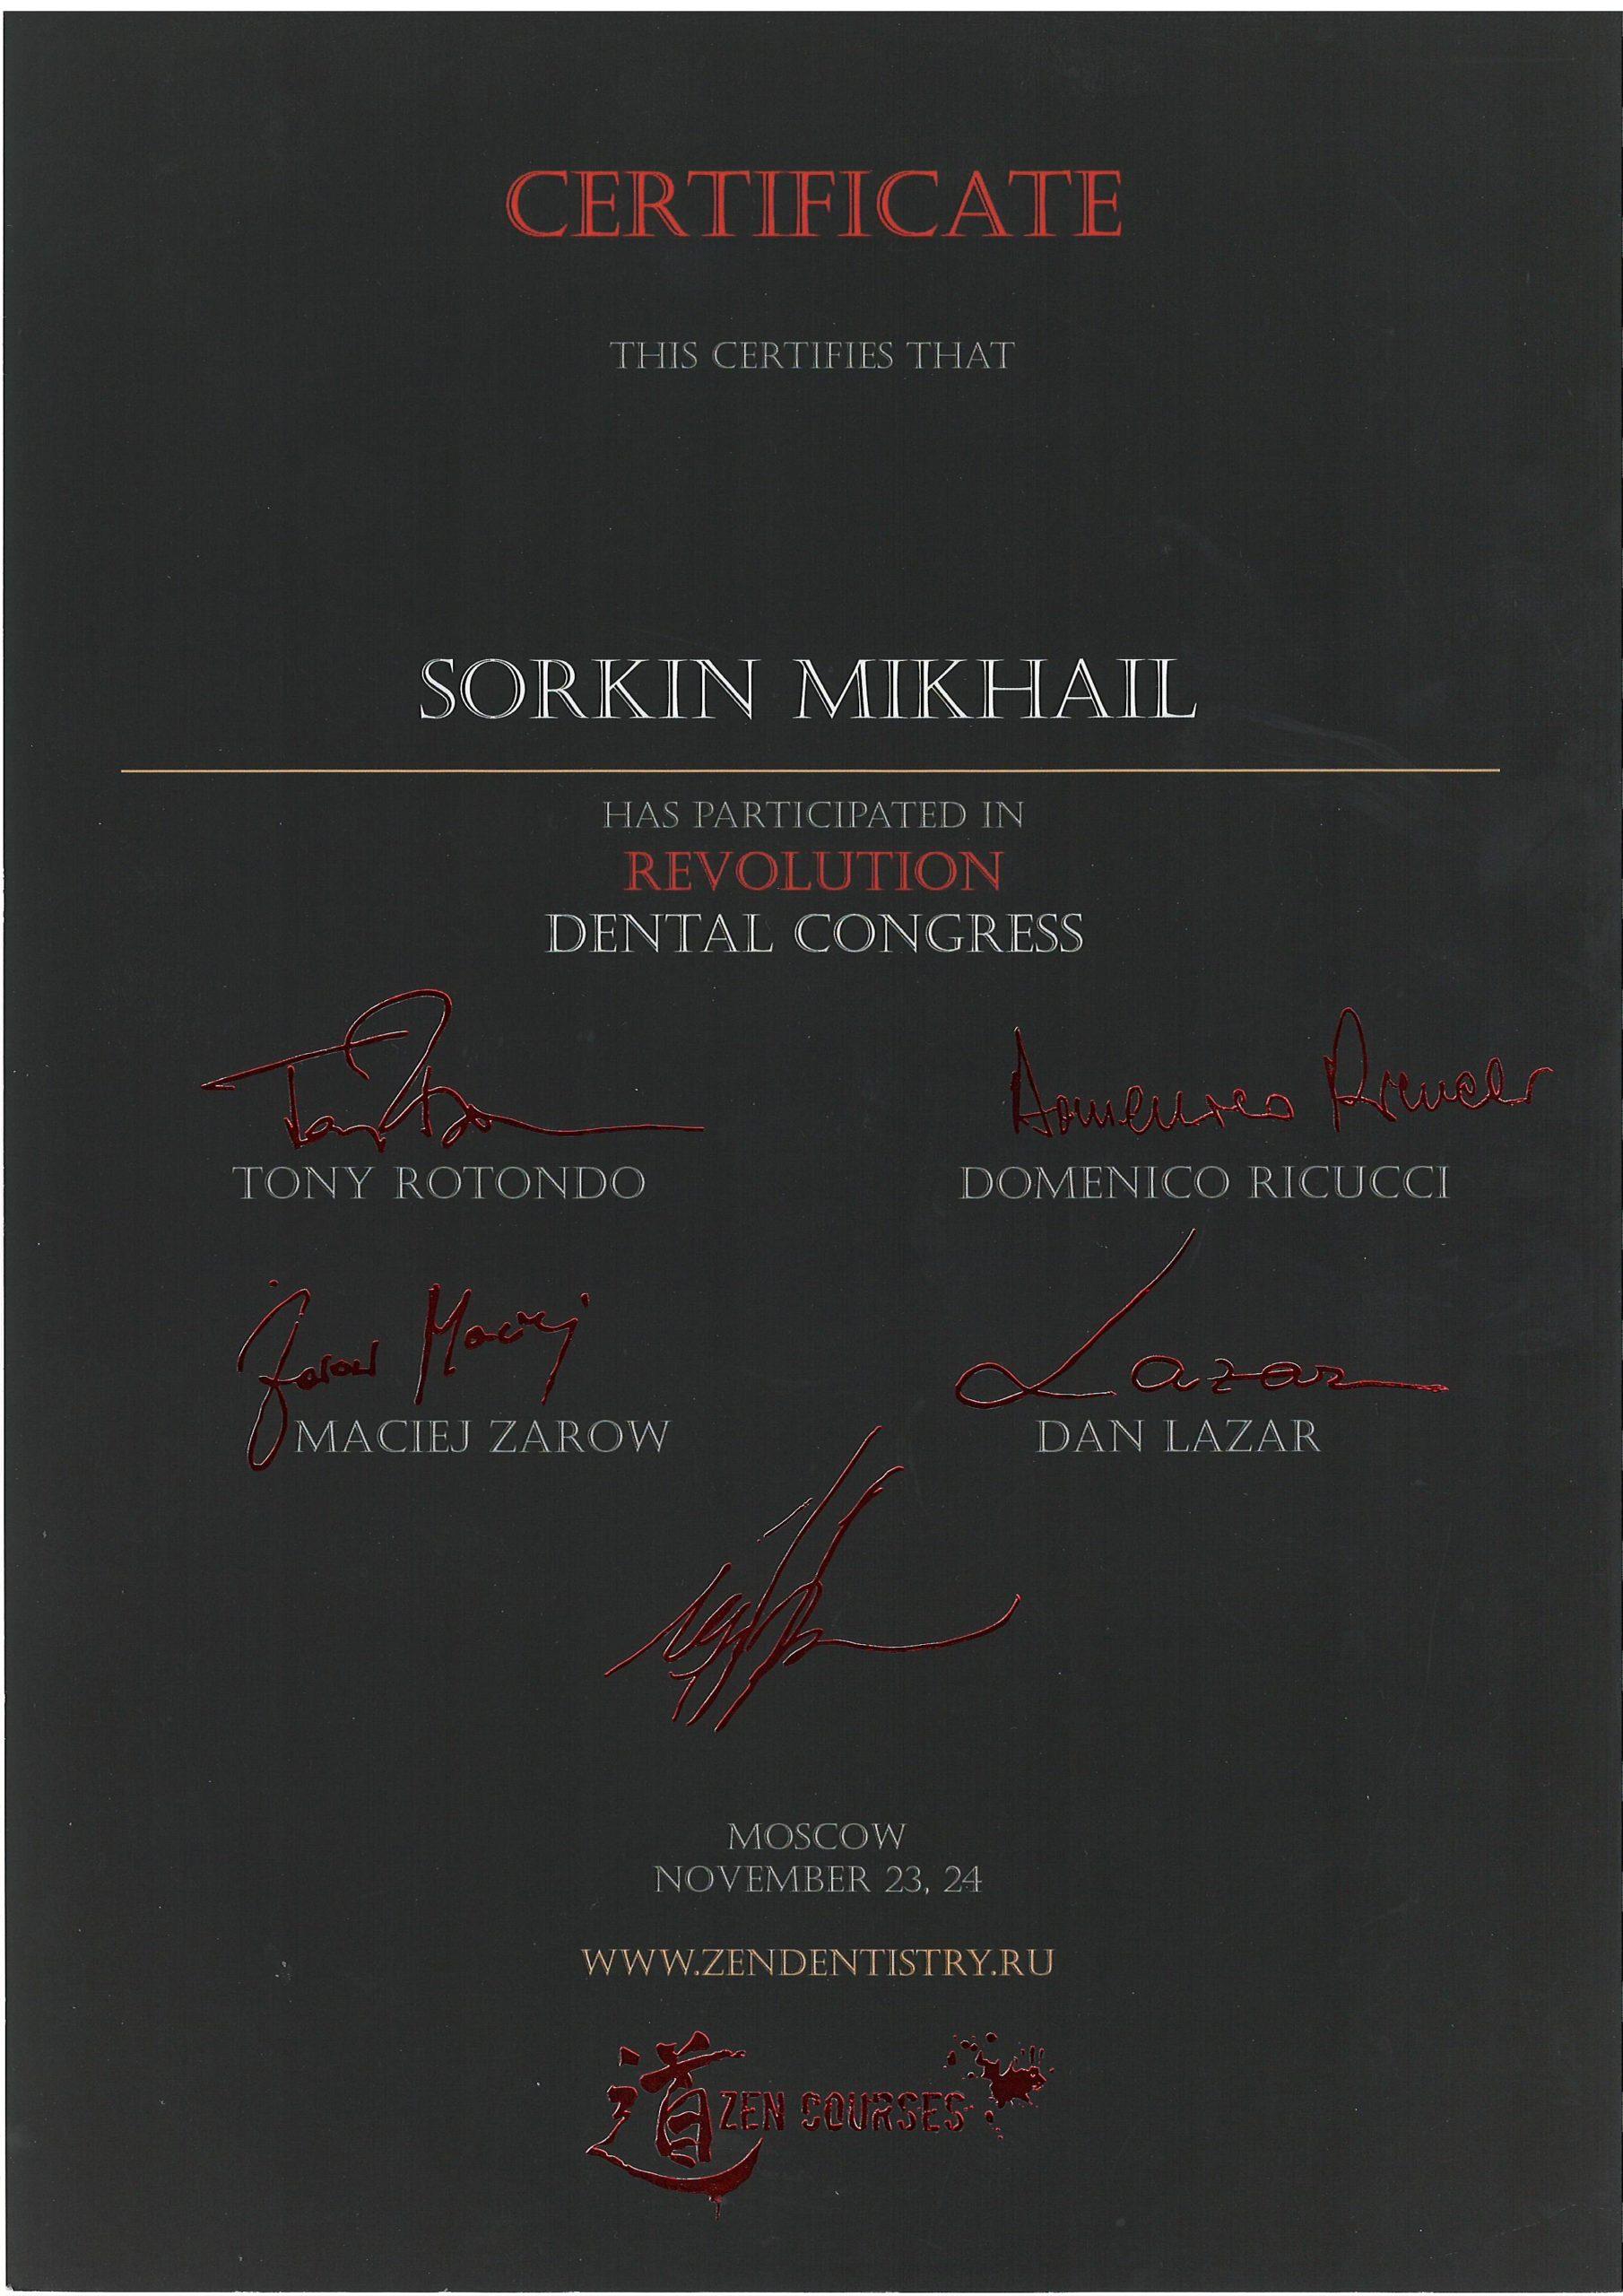 сертификат стоматолога Соркин ноябрь